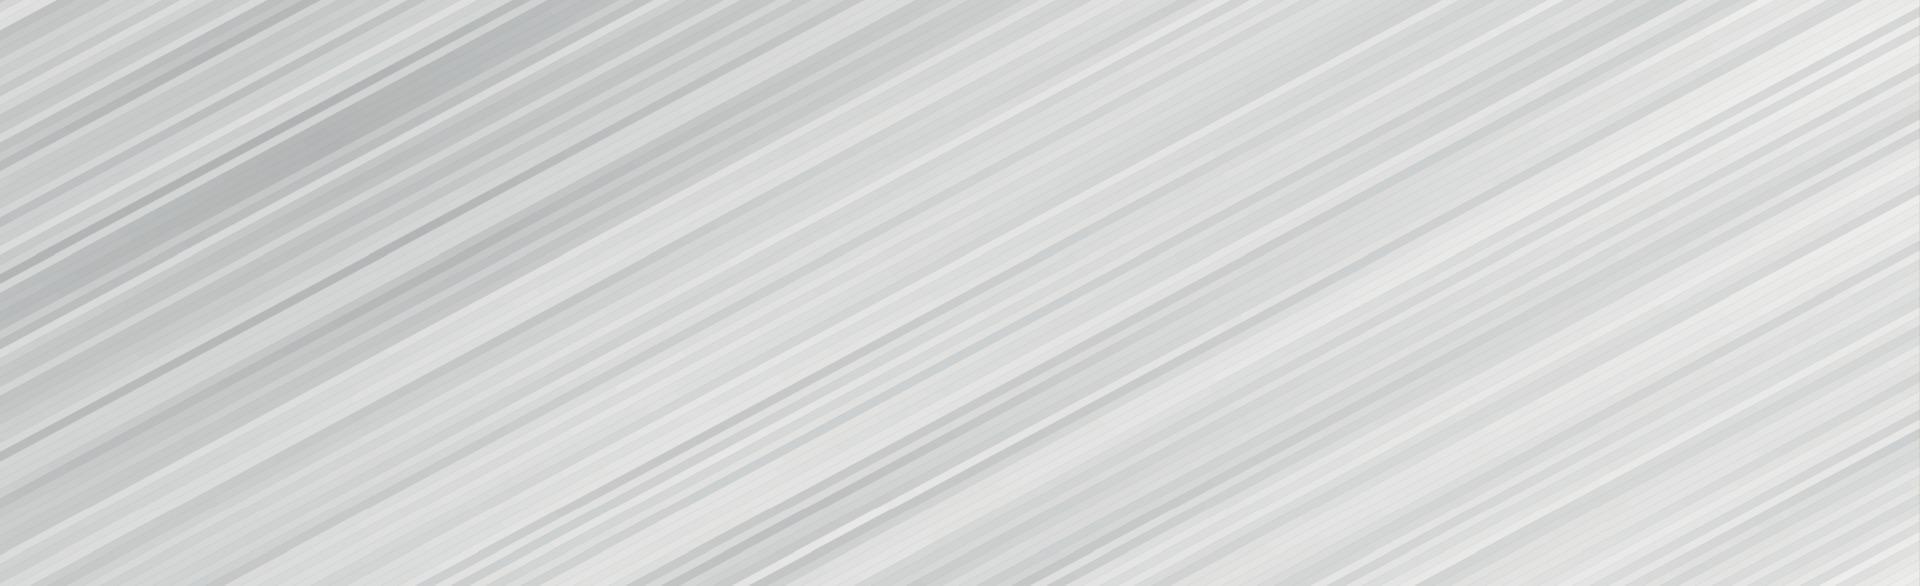 sfondo panoramico vettoriale bianco con linee